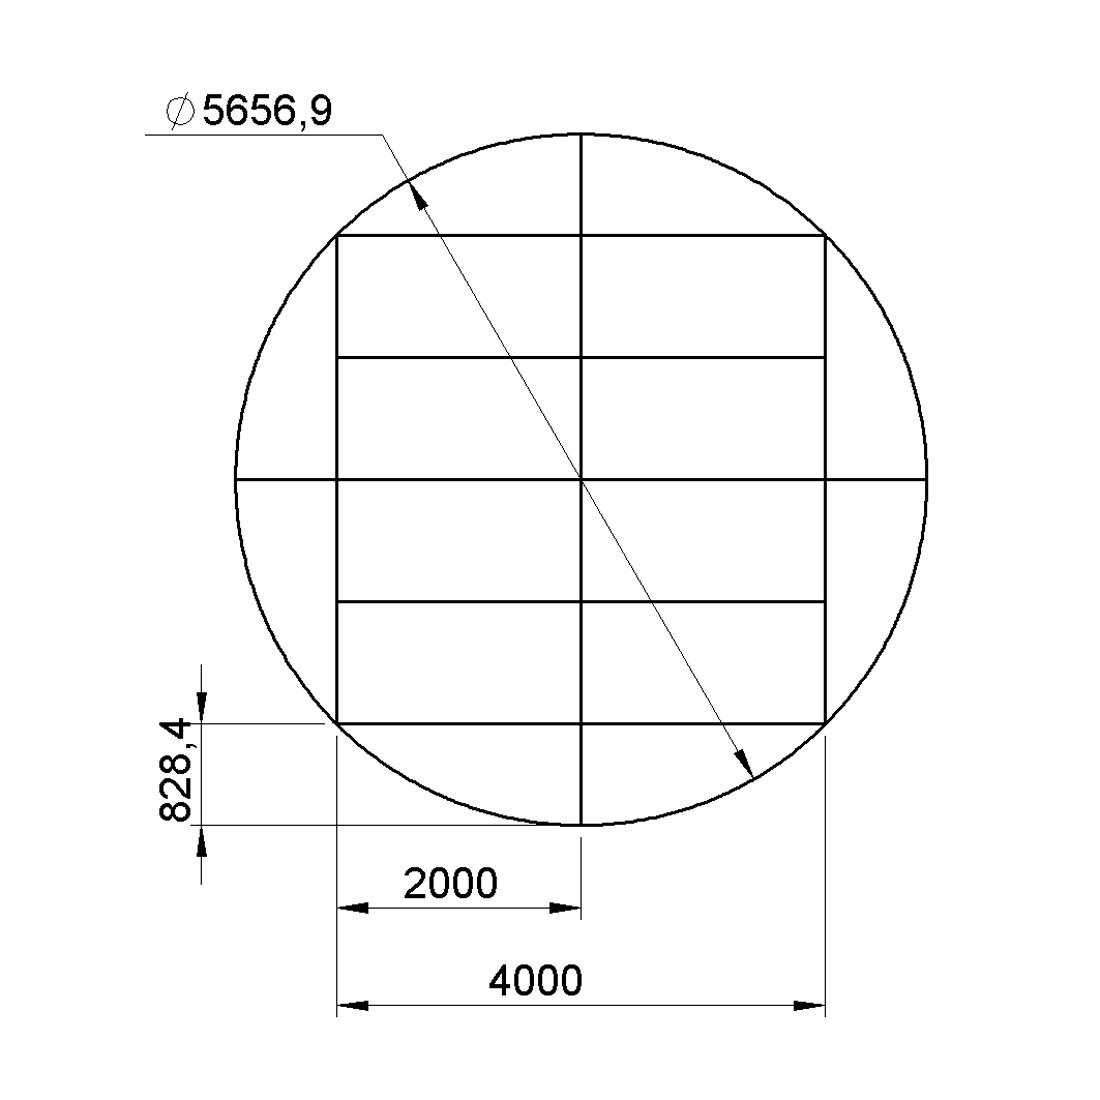 Duratruss DS-PROSTAGE Circle 5,5m Part 1